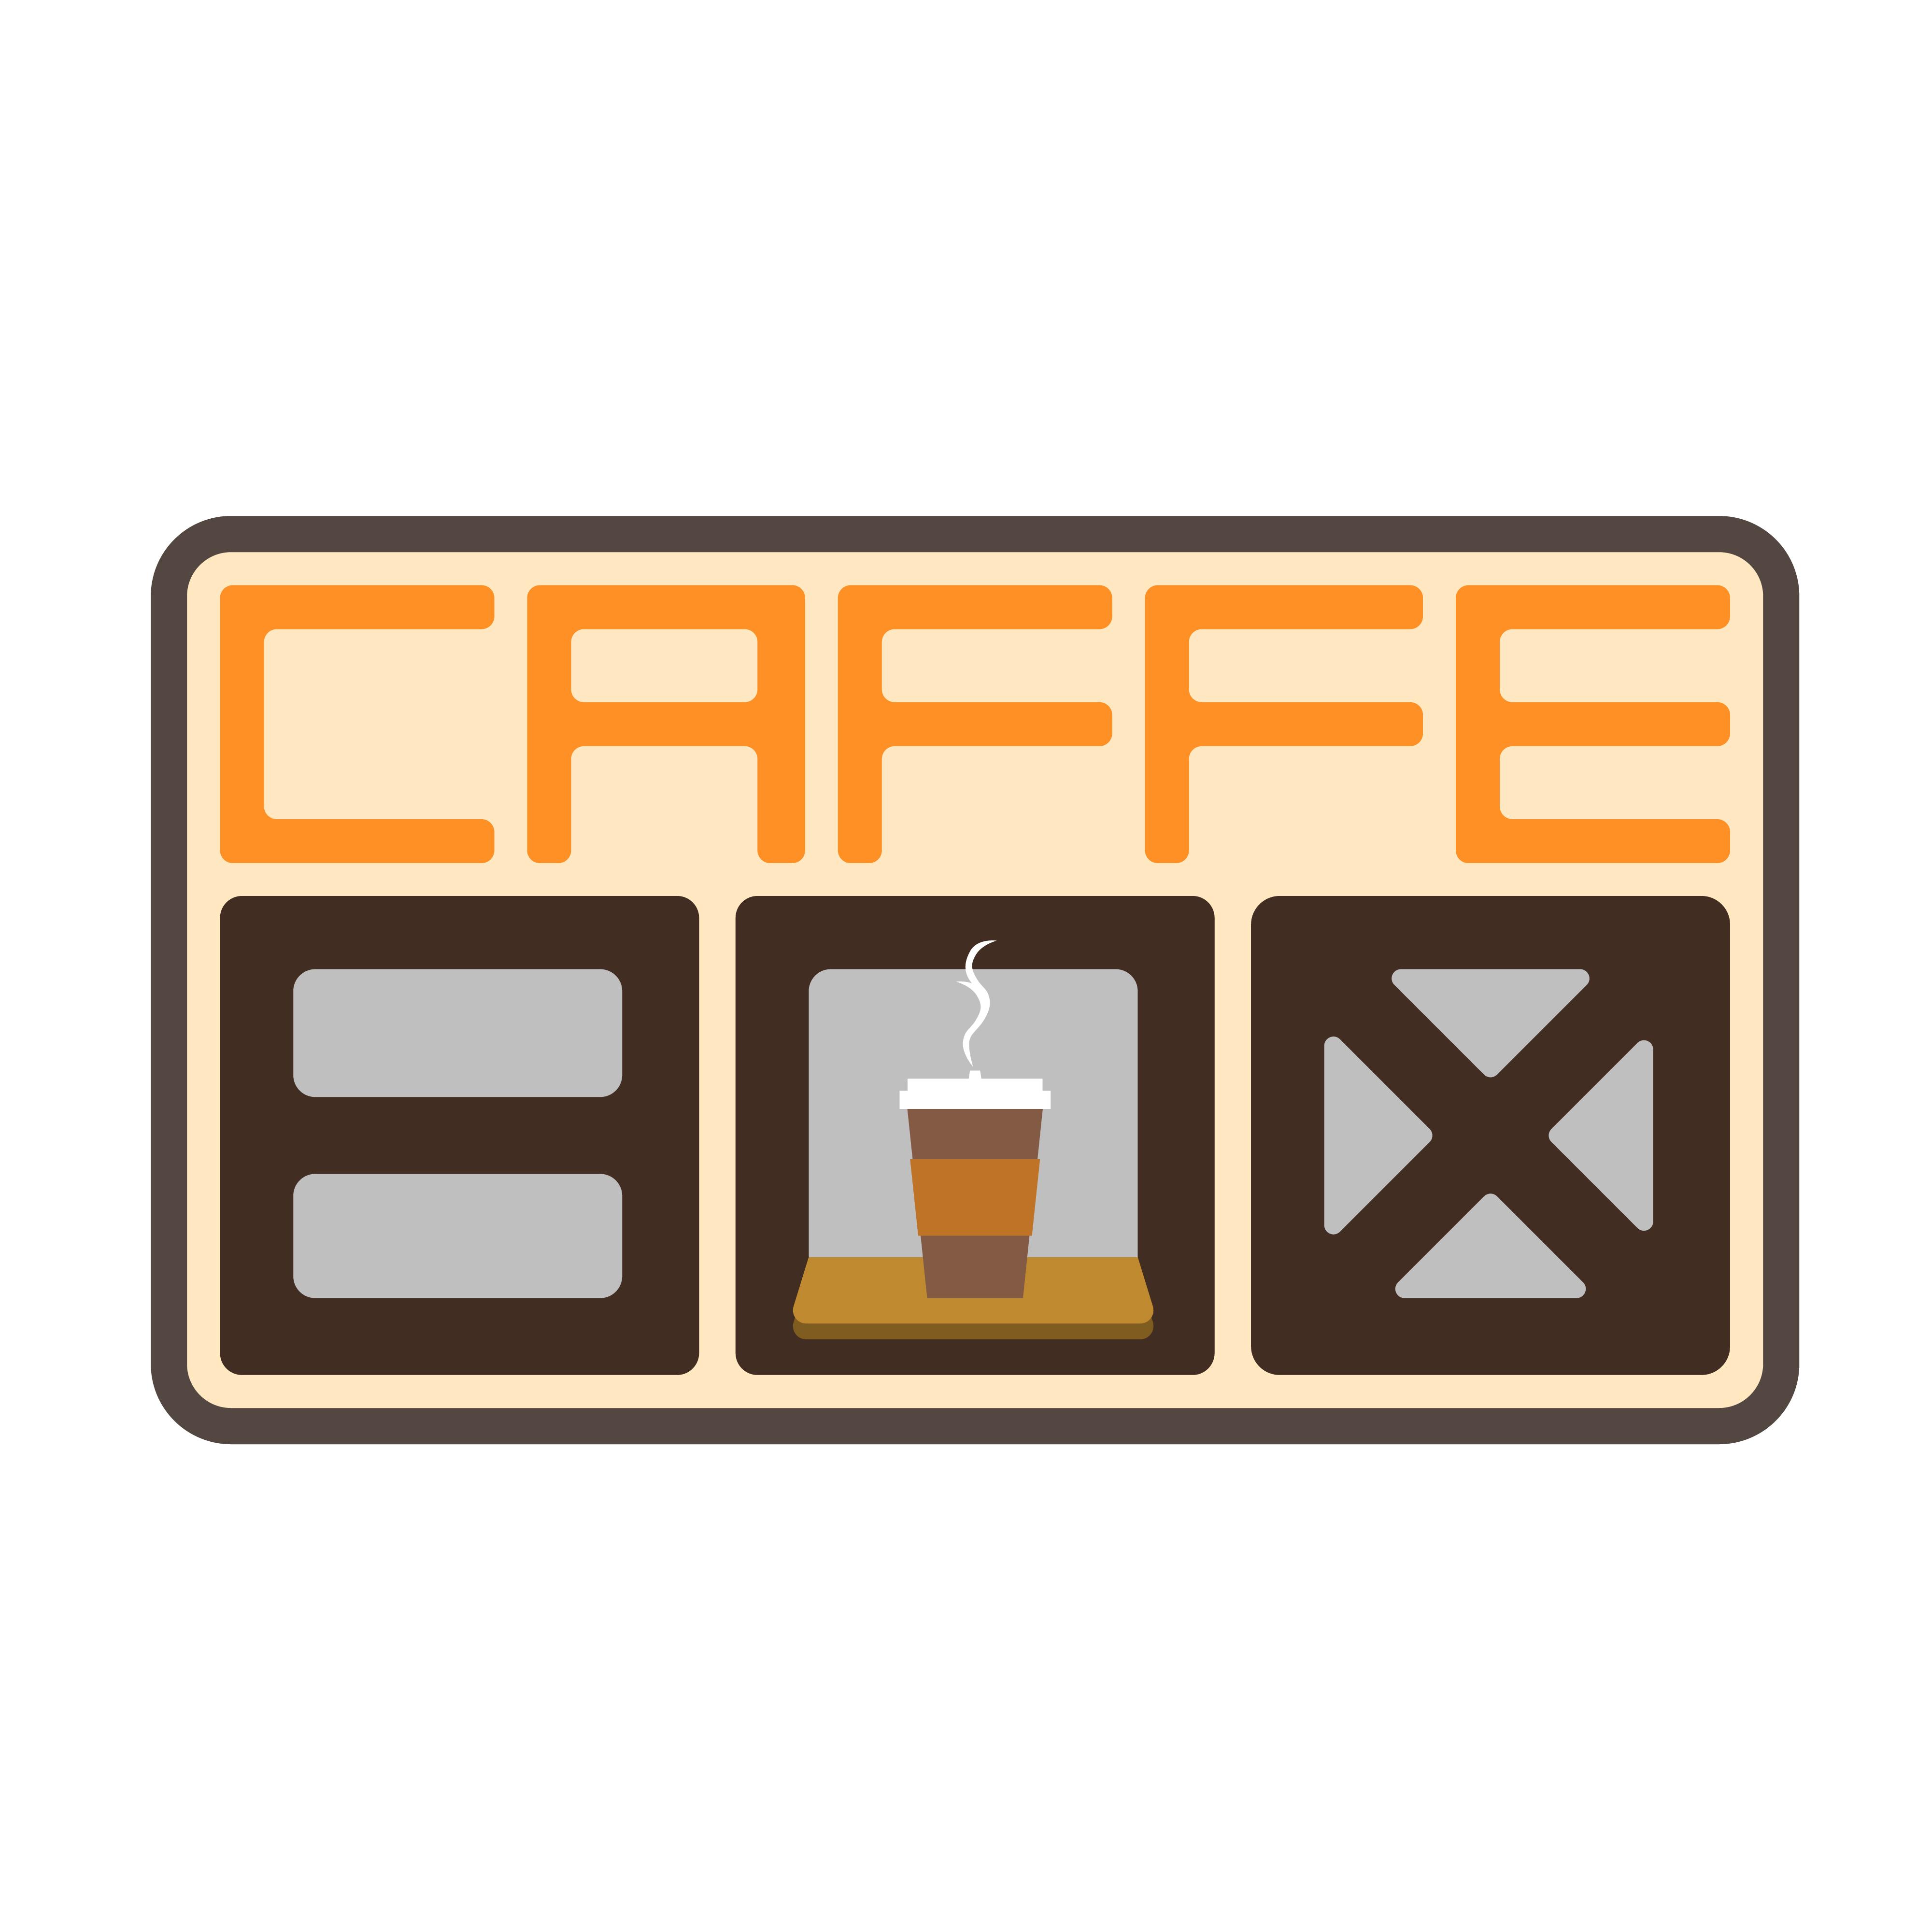 Требуется очень срочно разработать логотип кофейни! фото f_7875a0ab87702db7.jpg